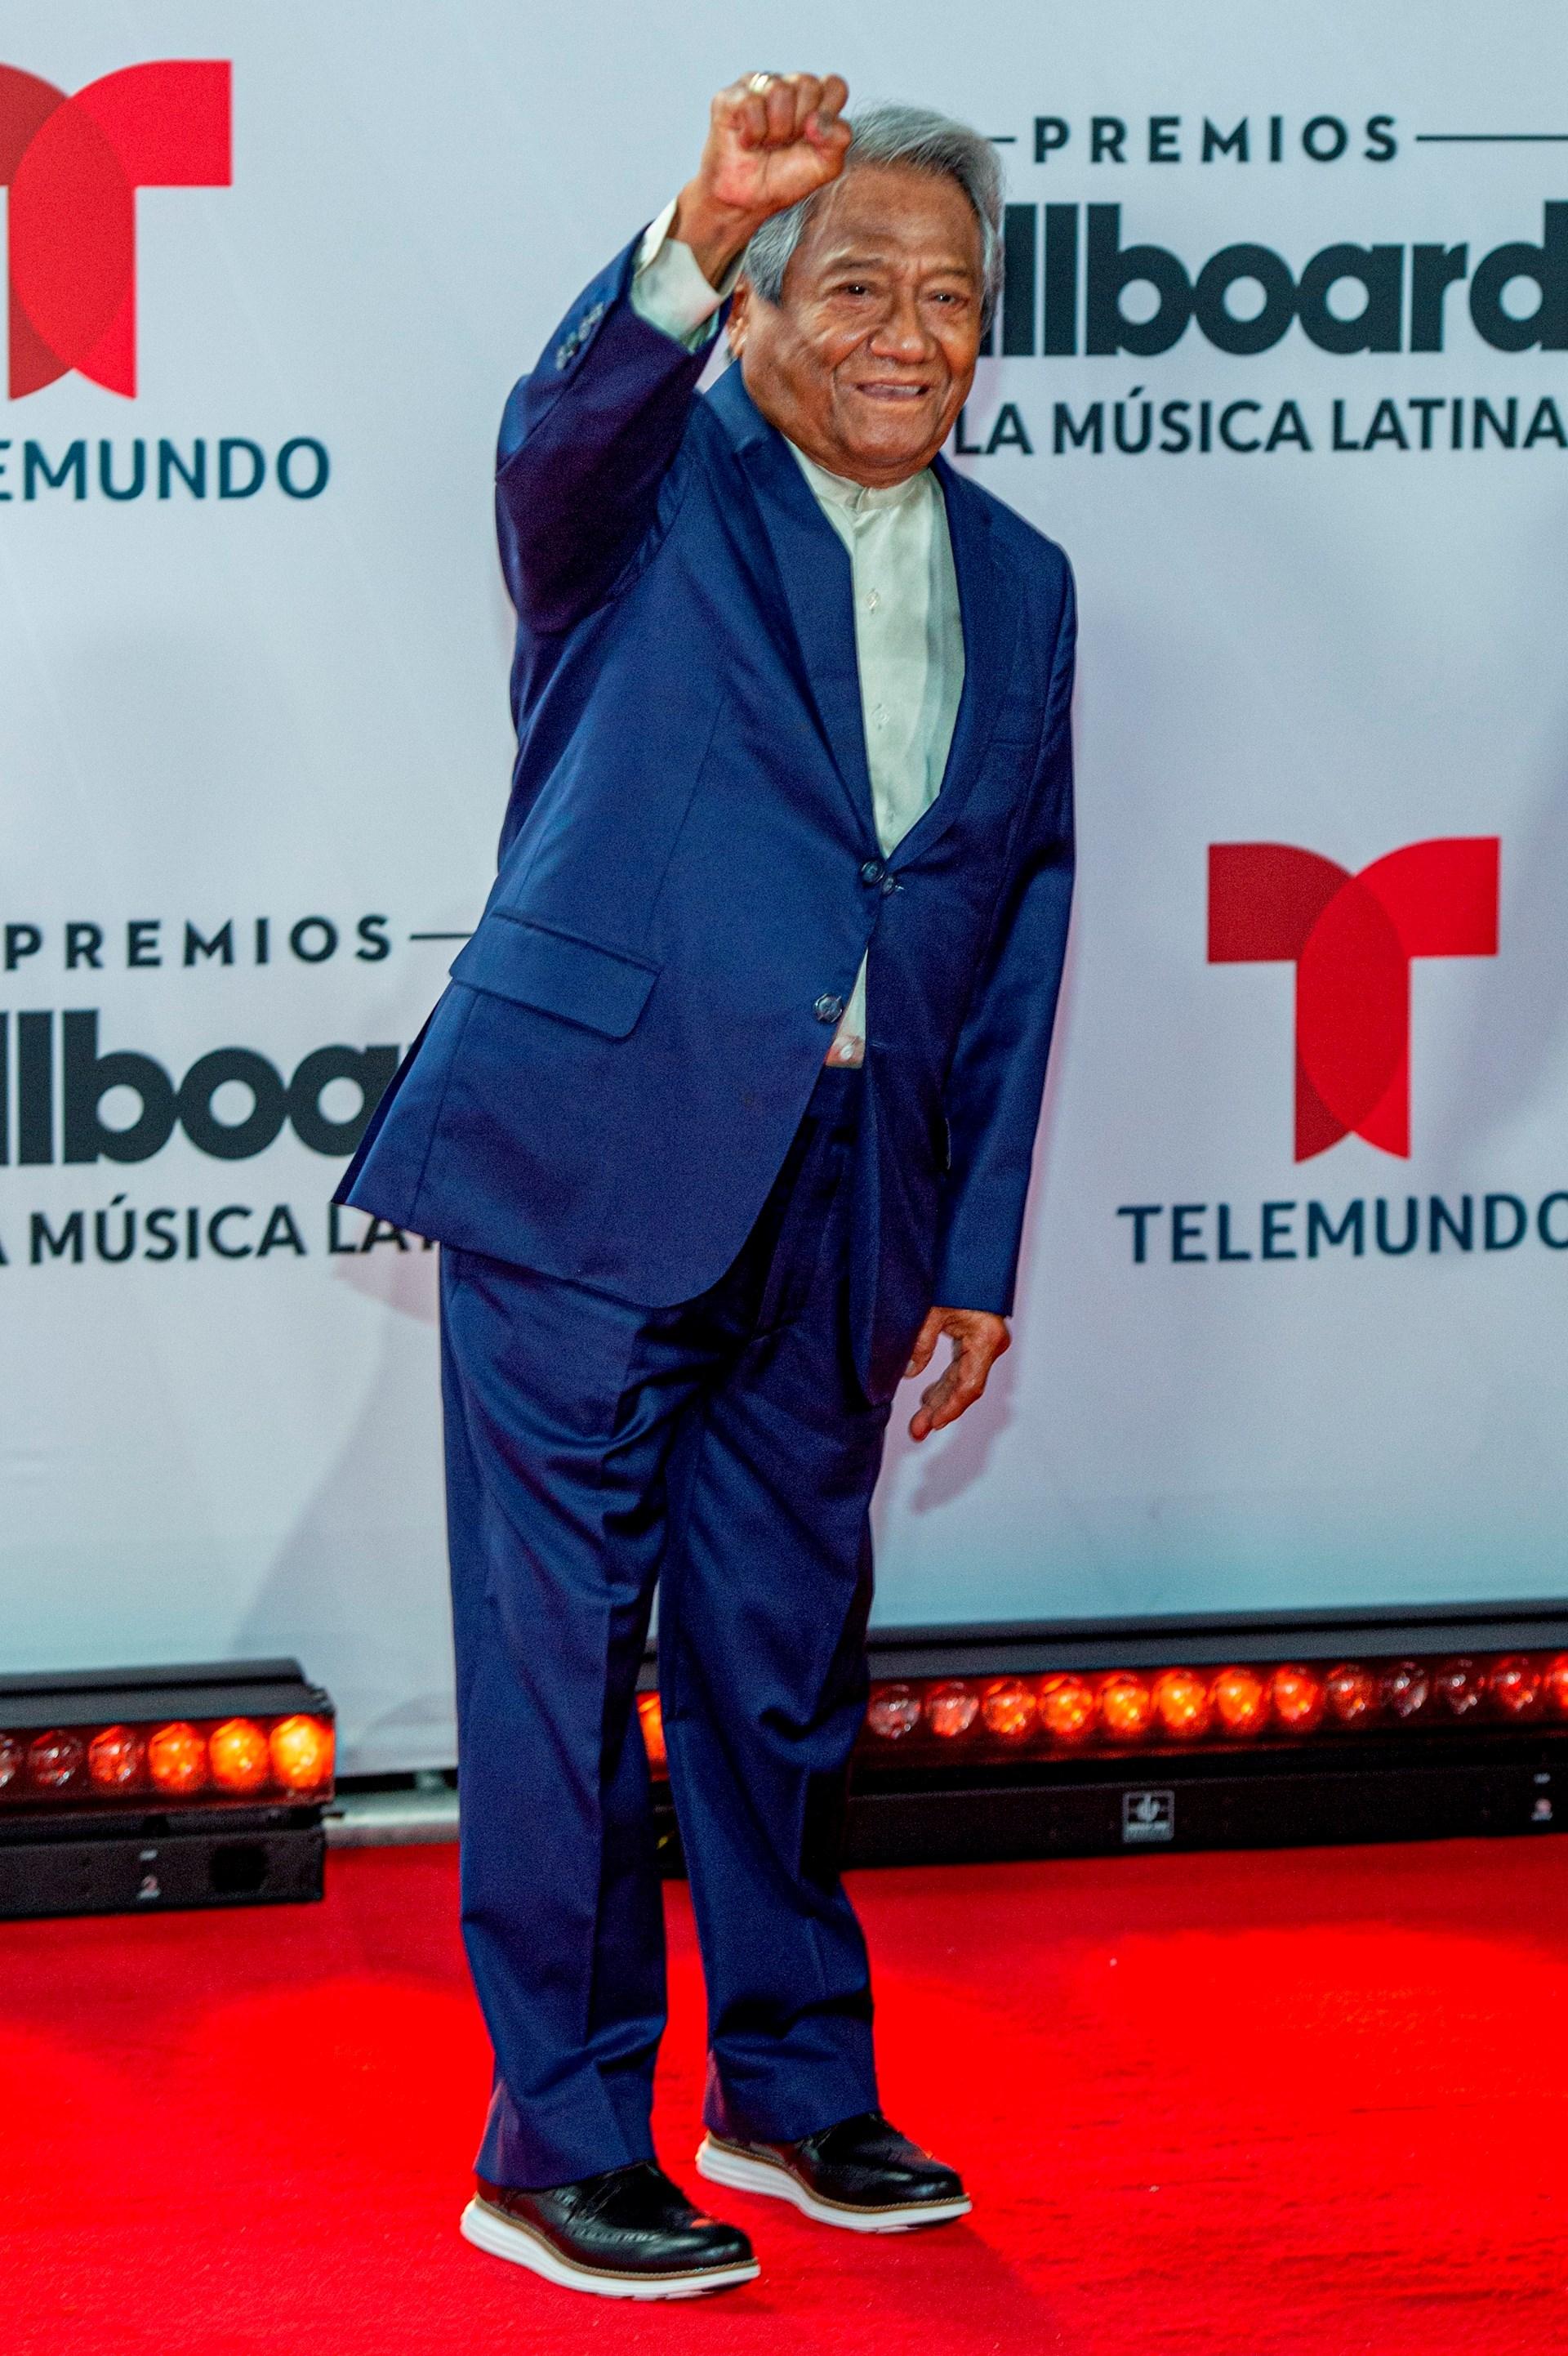 El músico mexicano Armando Manzanero (Foto: EFE/Giorgio Viera)